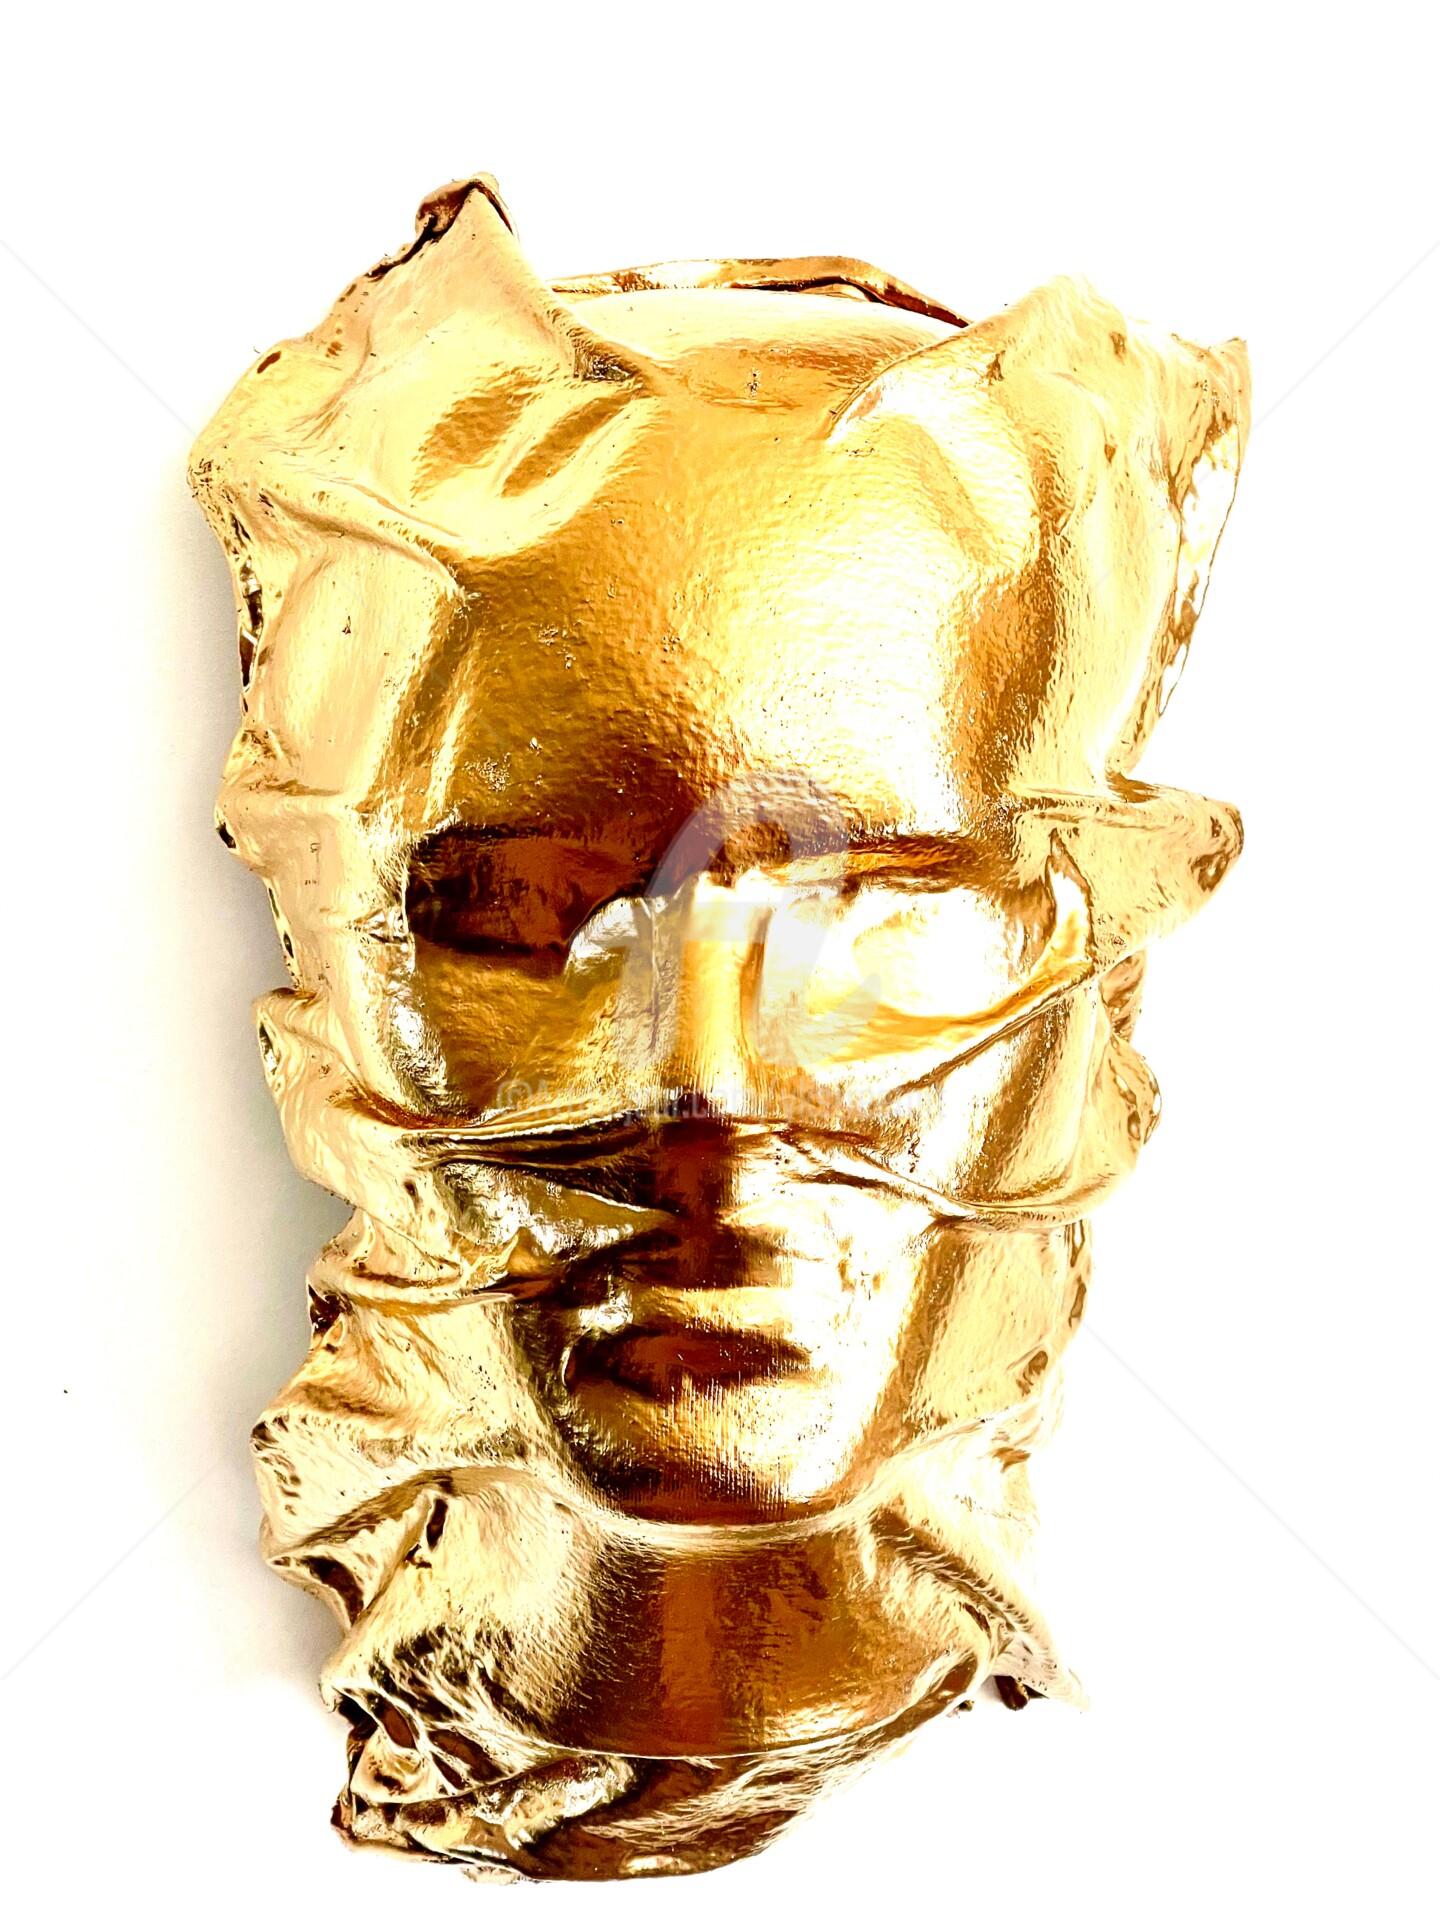 Yk - L'ange d'or